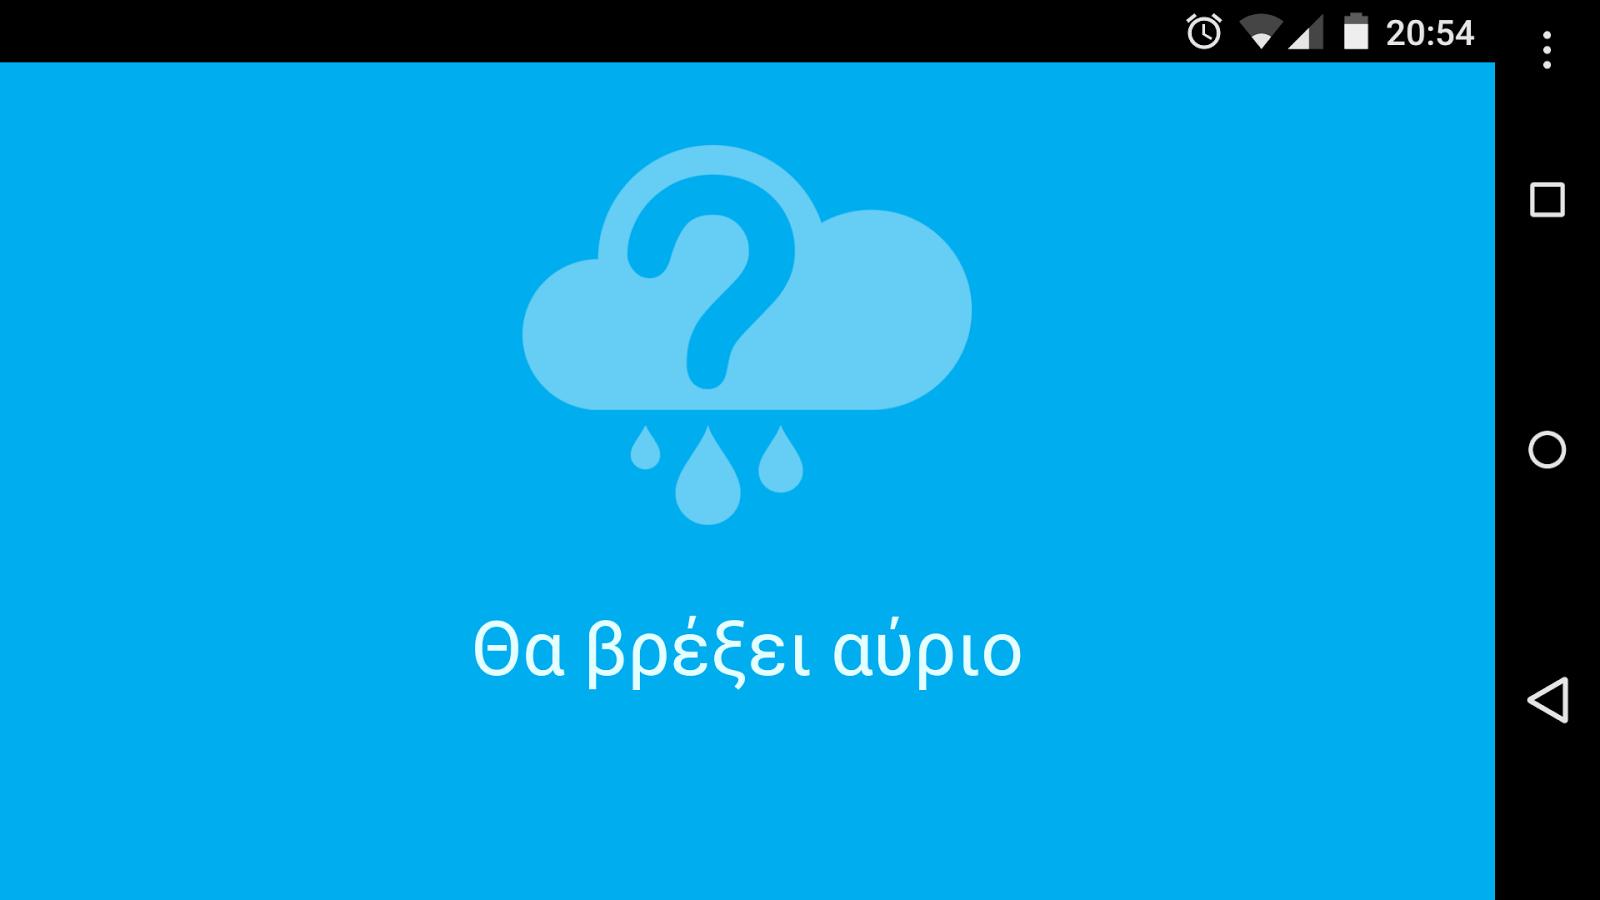 Θα βρέξει; Ειδοποιήσεις καιρού - screenshot